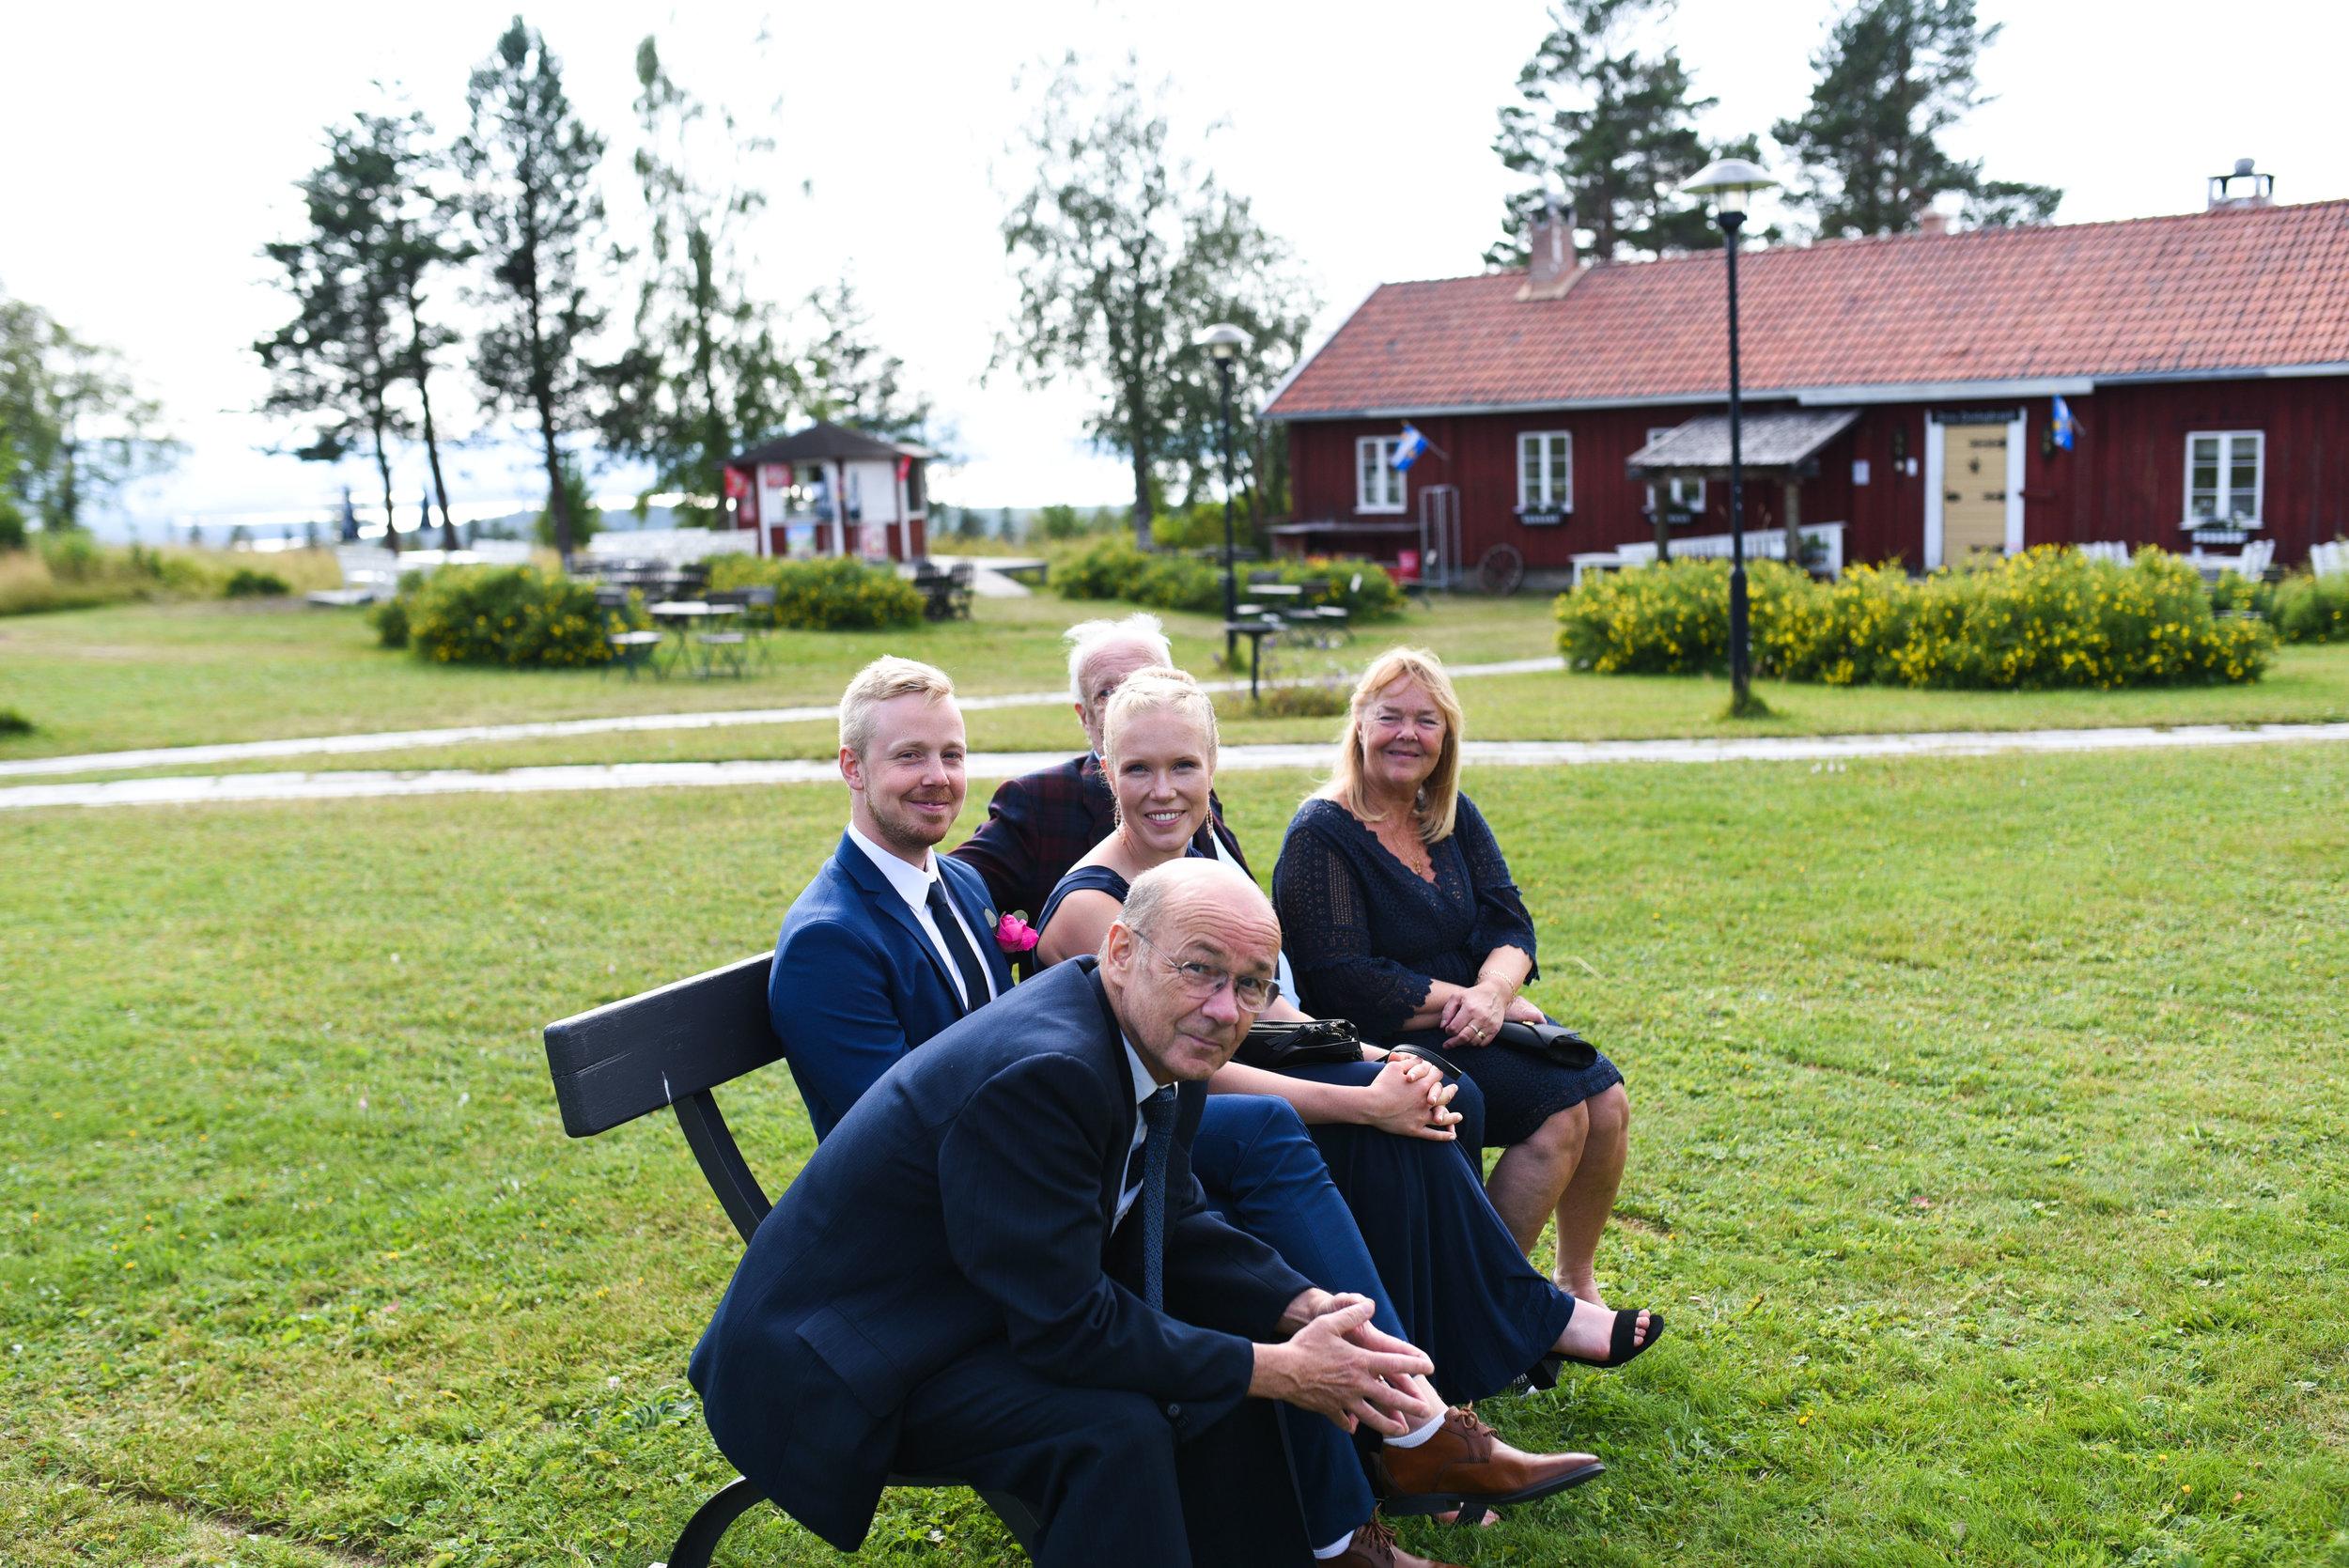 Bröllop2019lågkvall2-5835.jpg